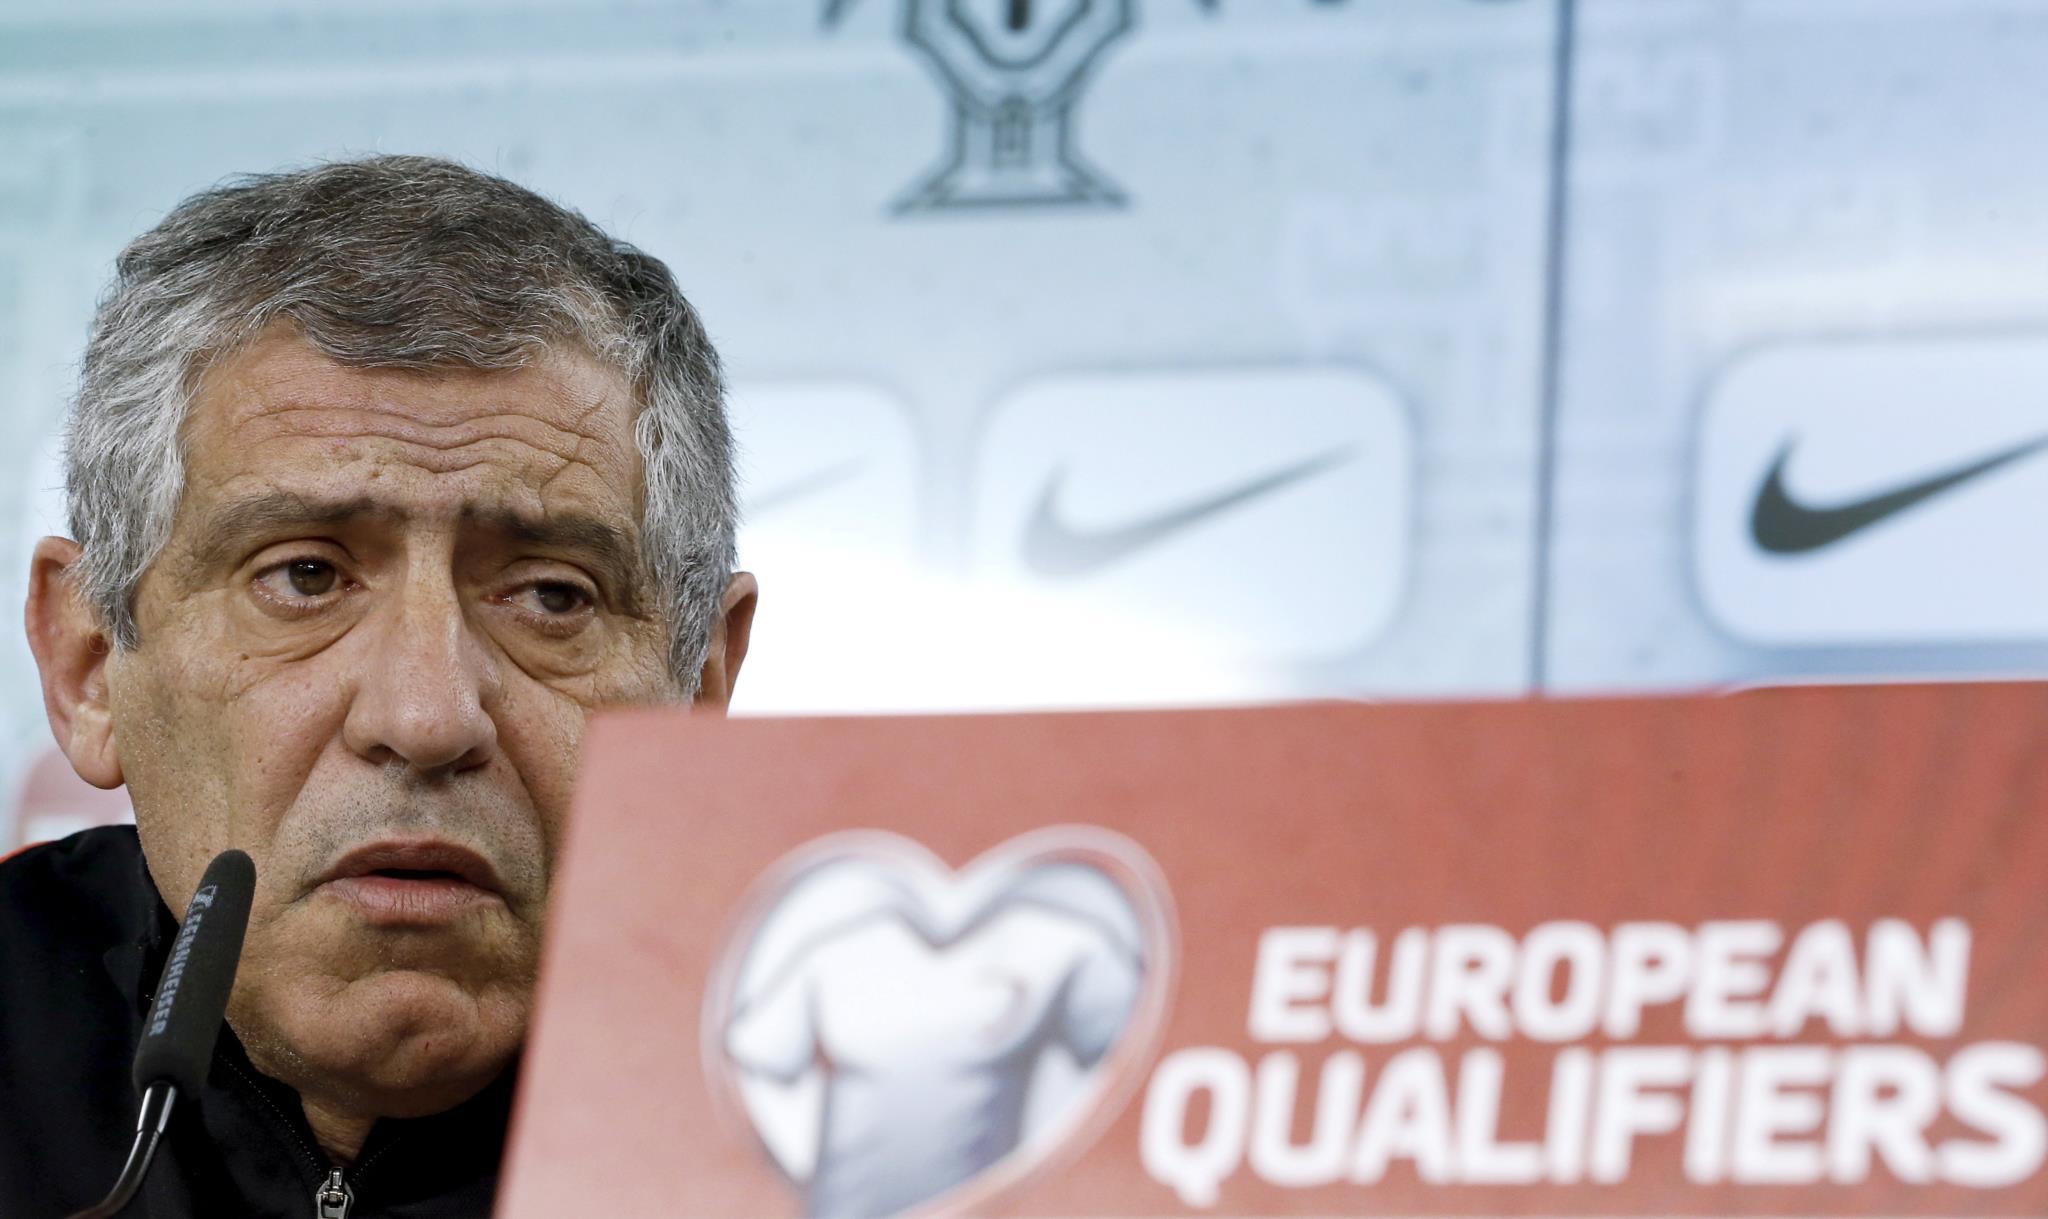 PÚBLICO - Portugal tenta cumprir com a tradição e vencer a Hungria